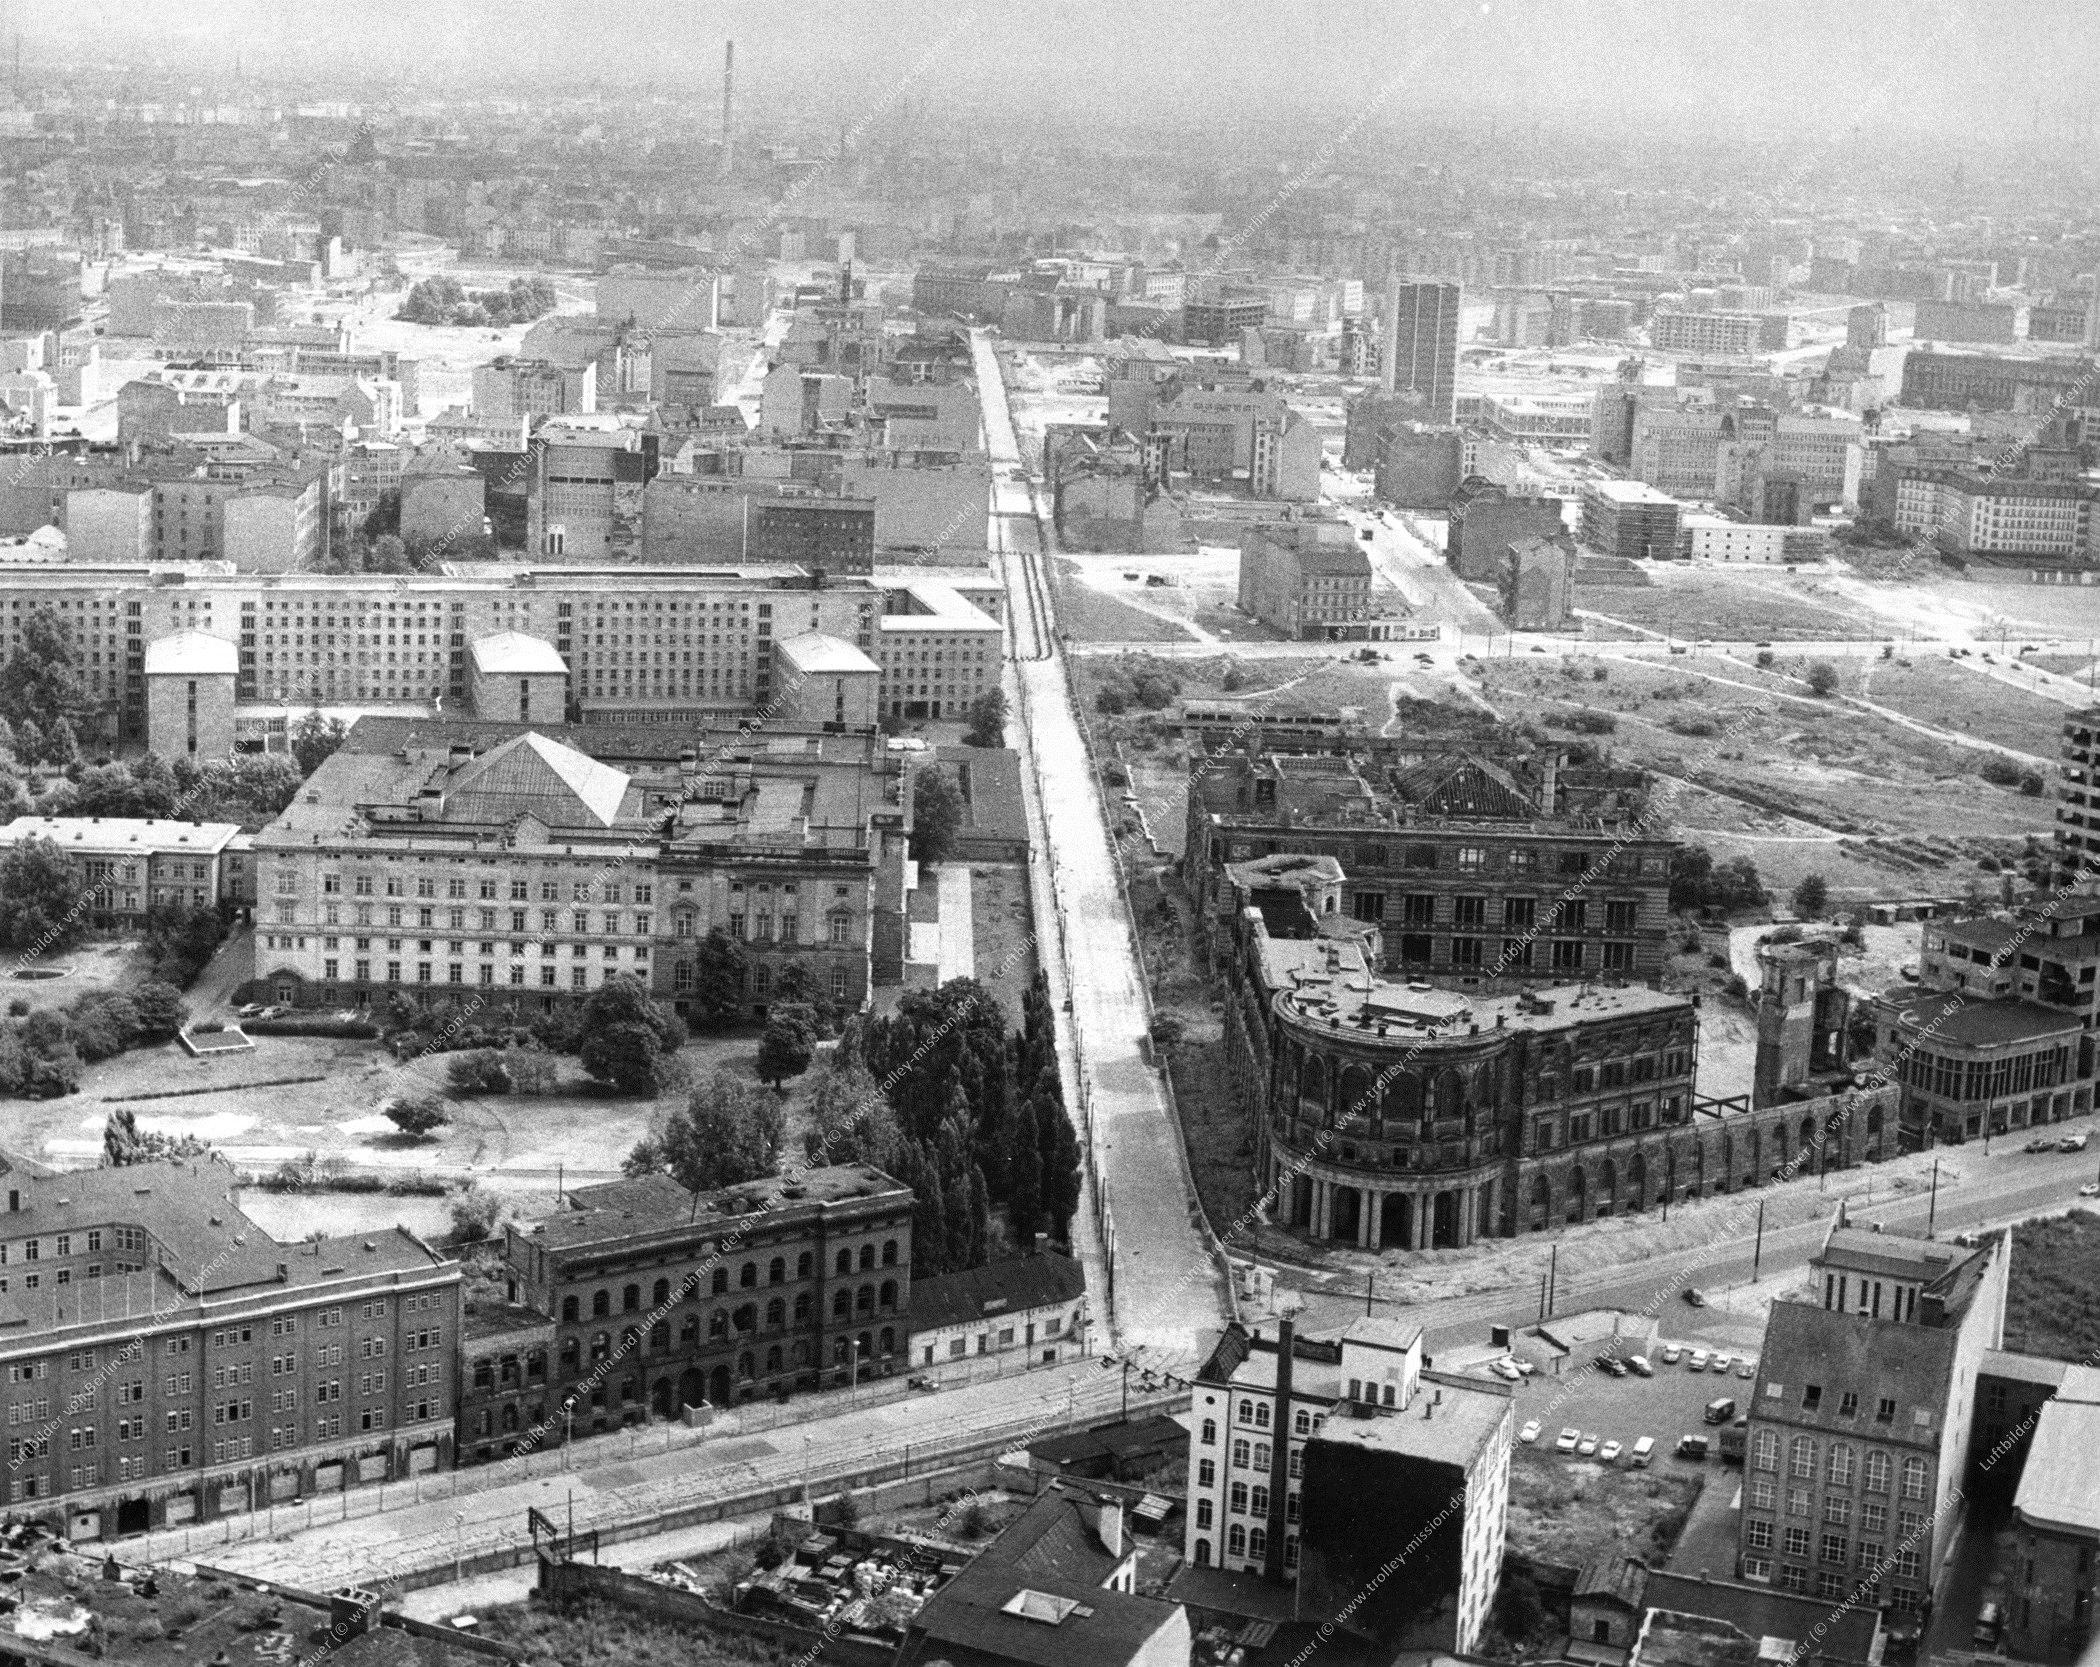 Luftaufnahme Martin-Gropius-Bau in der Niederkirchnerstraße quer zur Stresemannstraße in Berlin (Bild 030)